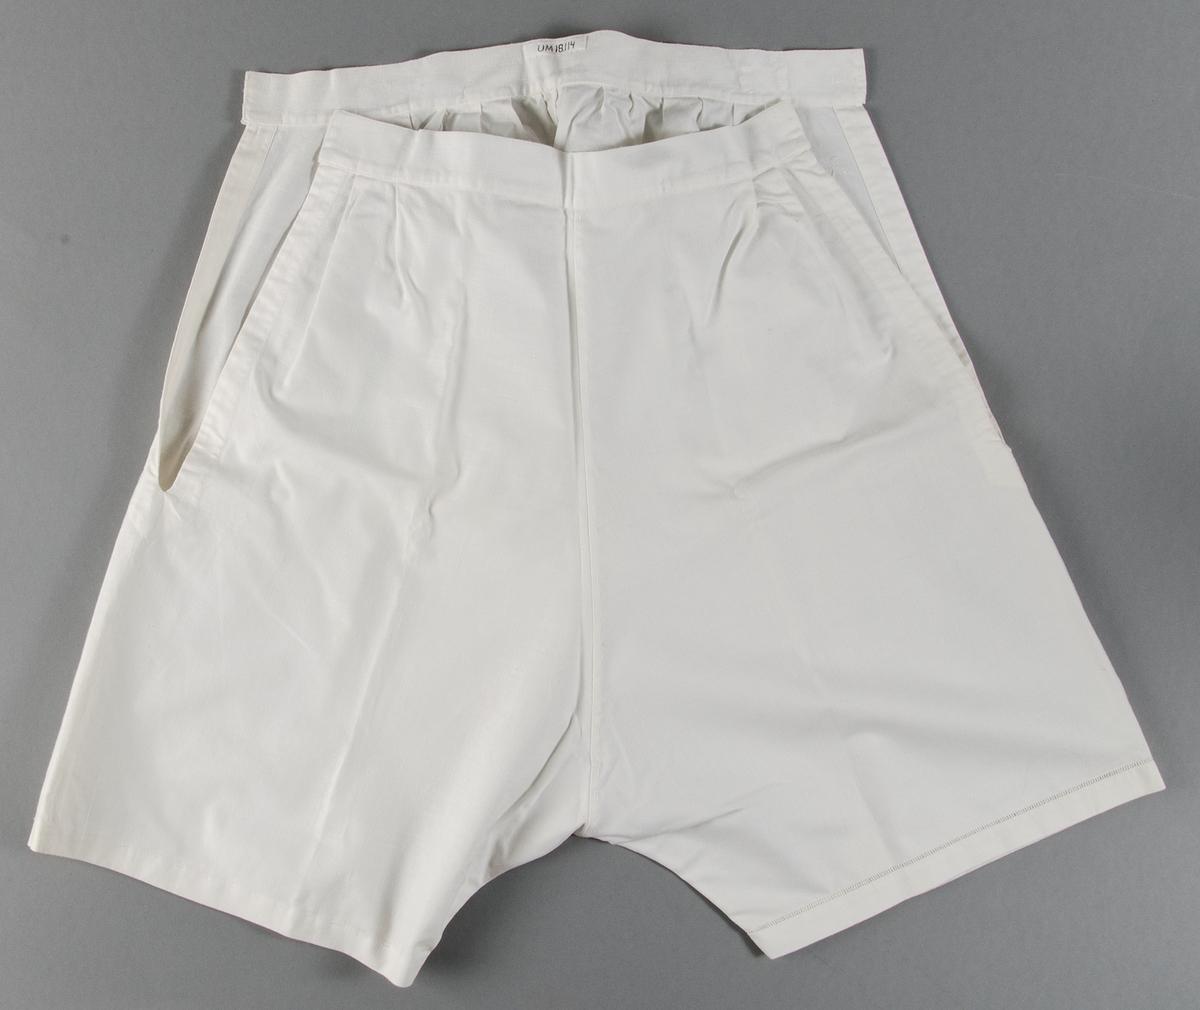 Underbyxor av vitt bomullstyg. Sprund i sidorna. Hålsöm runt höger byxben. Märkt AE i plattsöm med vitt moulinégarn, vid linningen på höger sida fram. Ej färdigsytt.